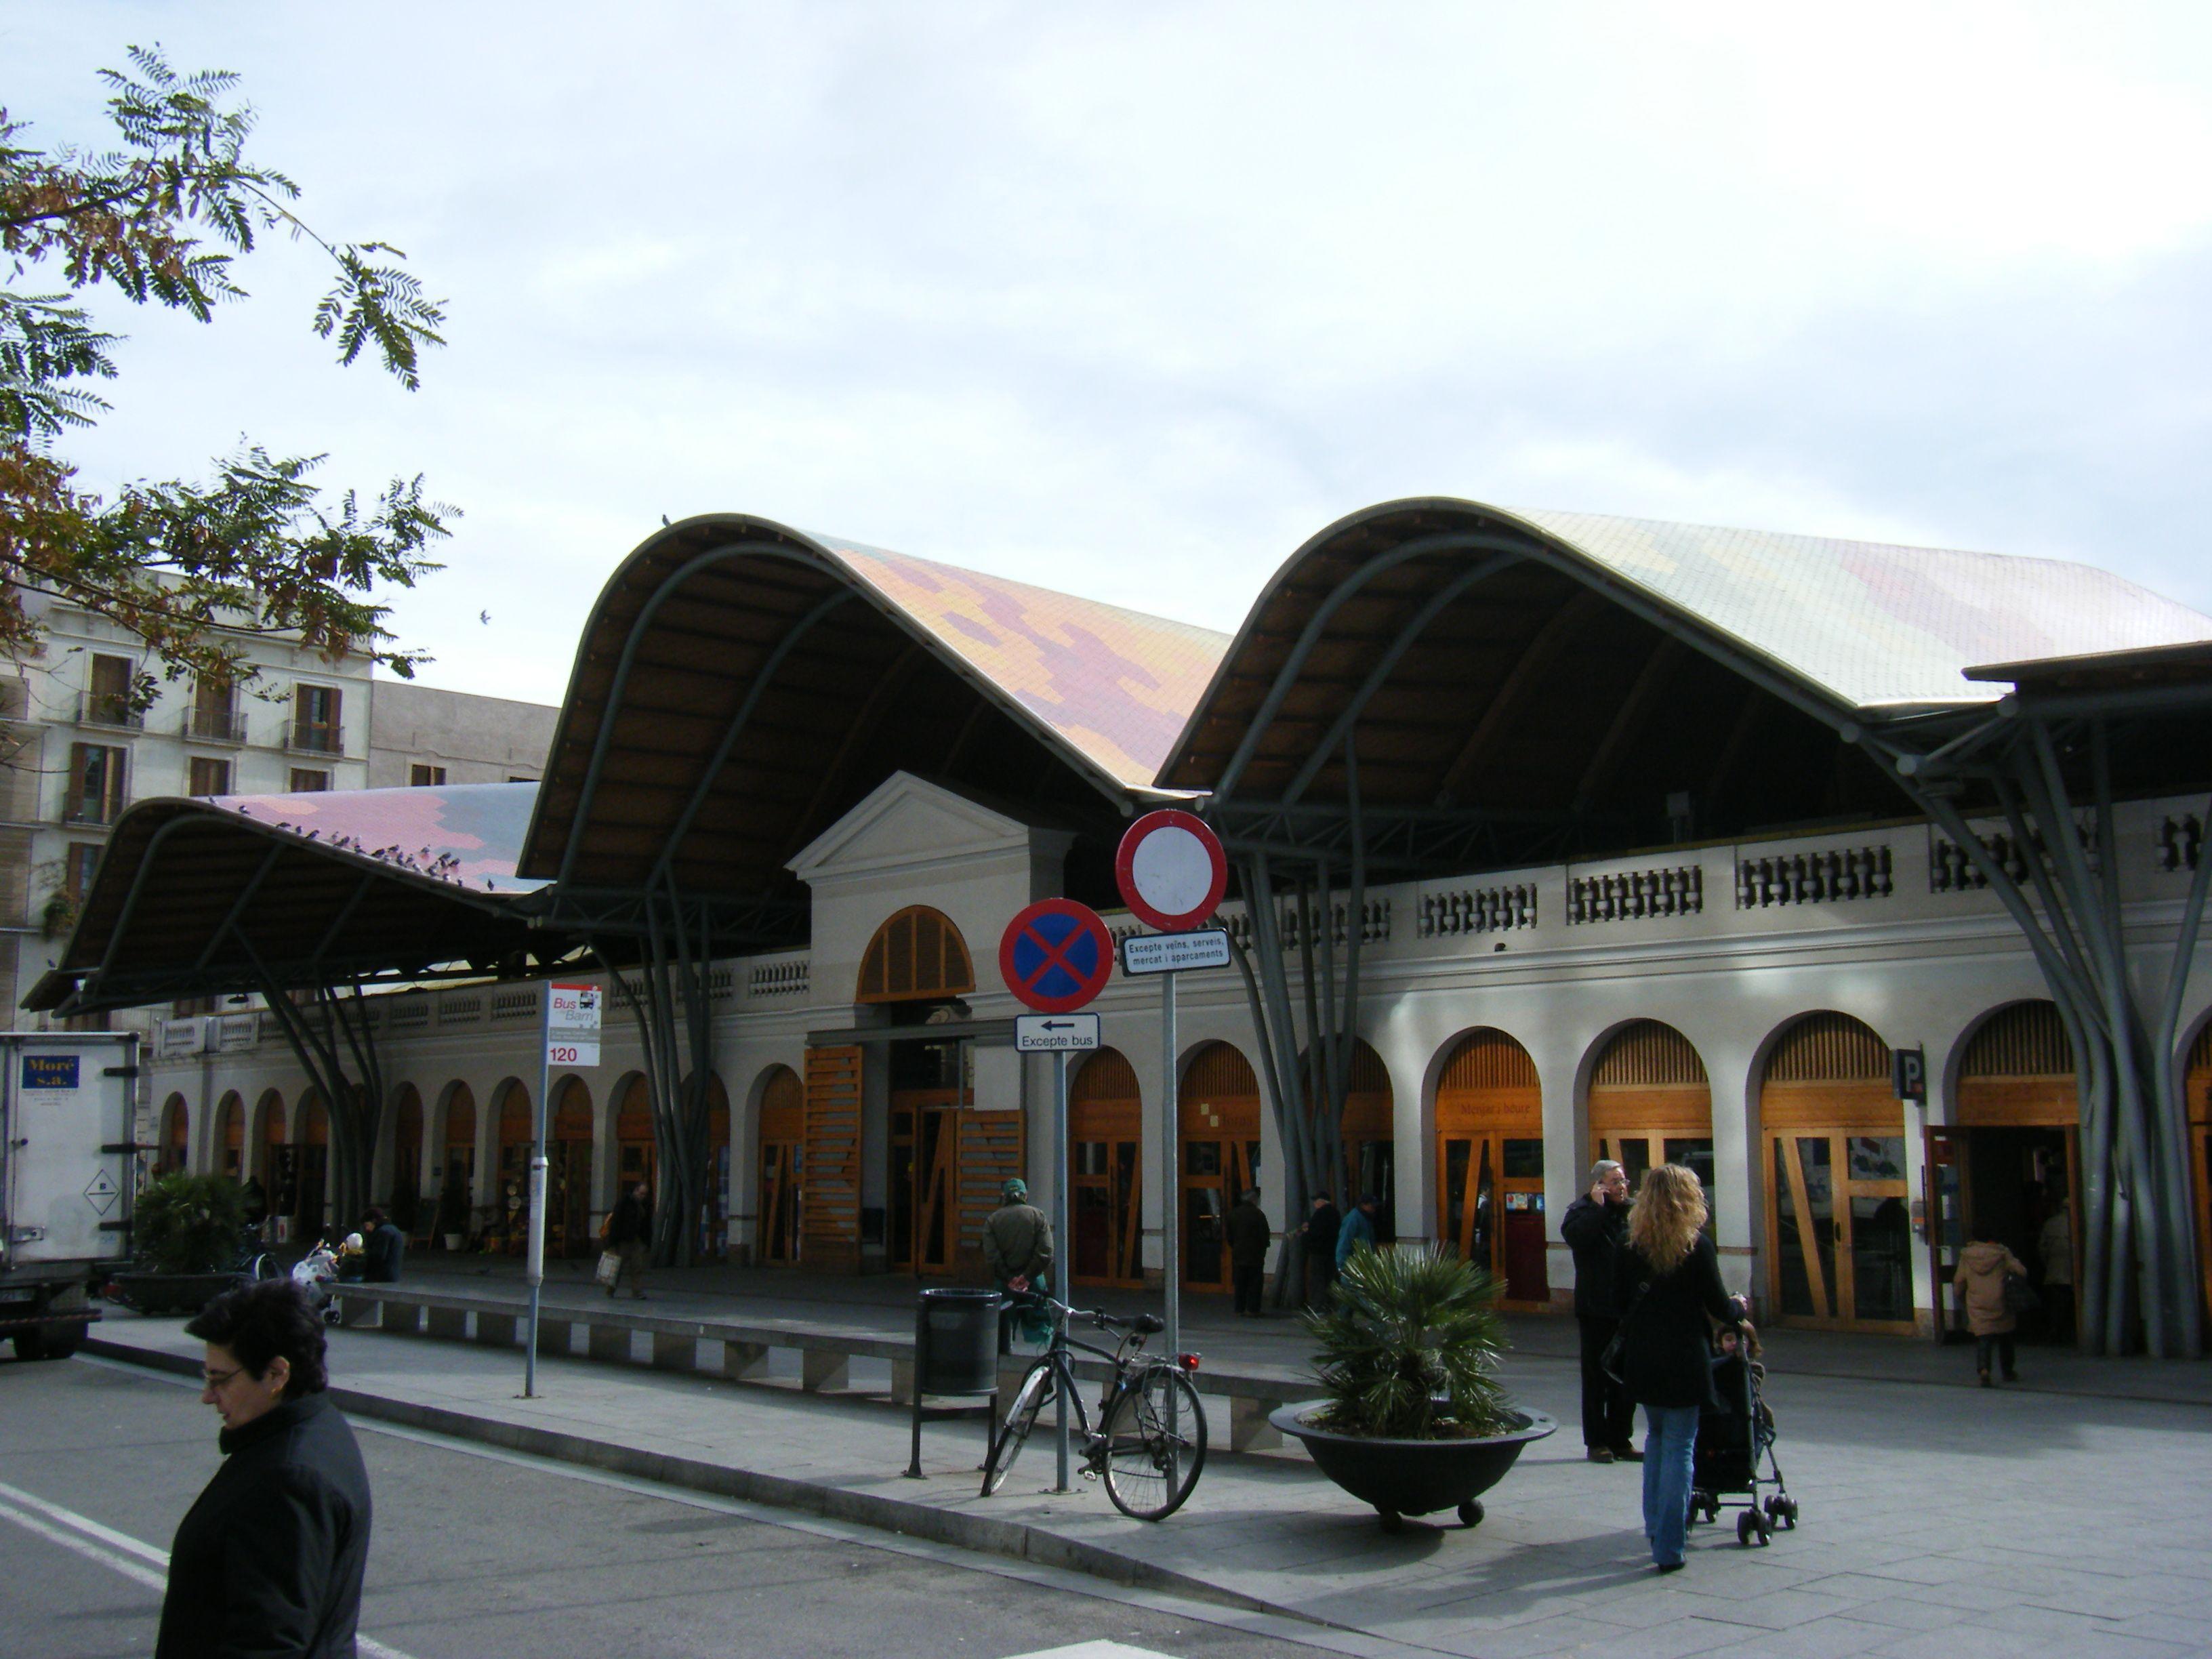 Mercado Santa Catarina - Enric Miralles, Benedetta Tagliabue. Barcelona